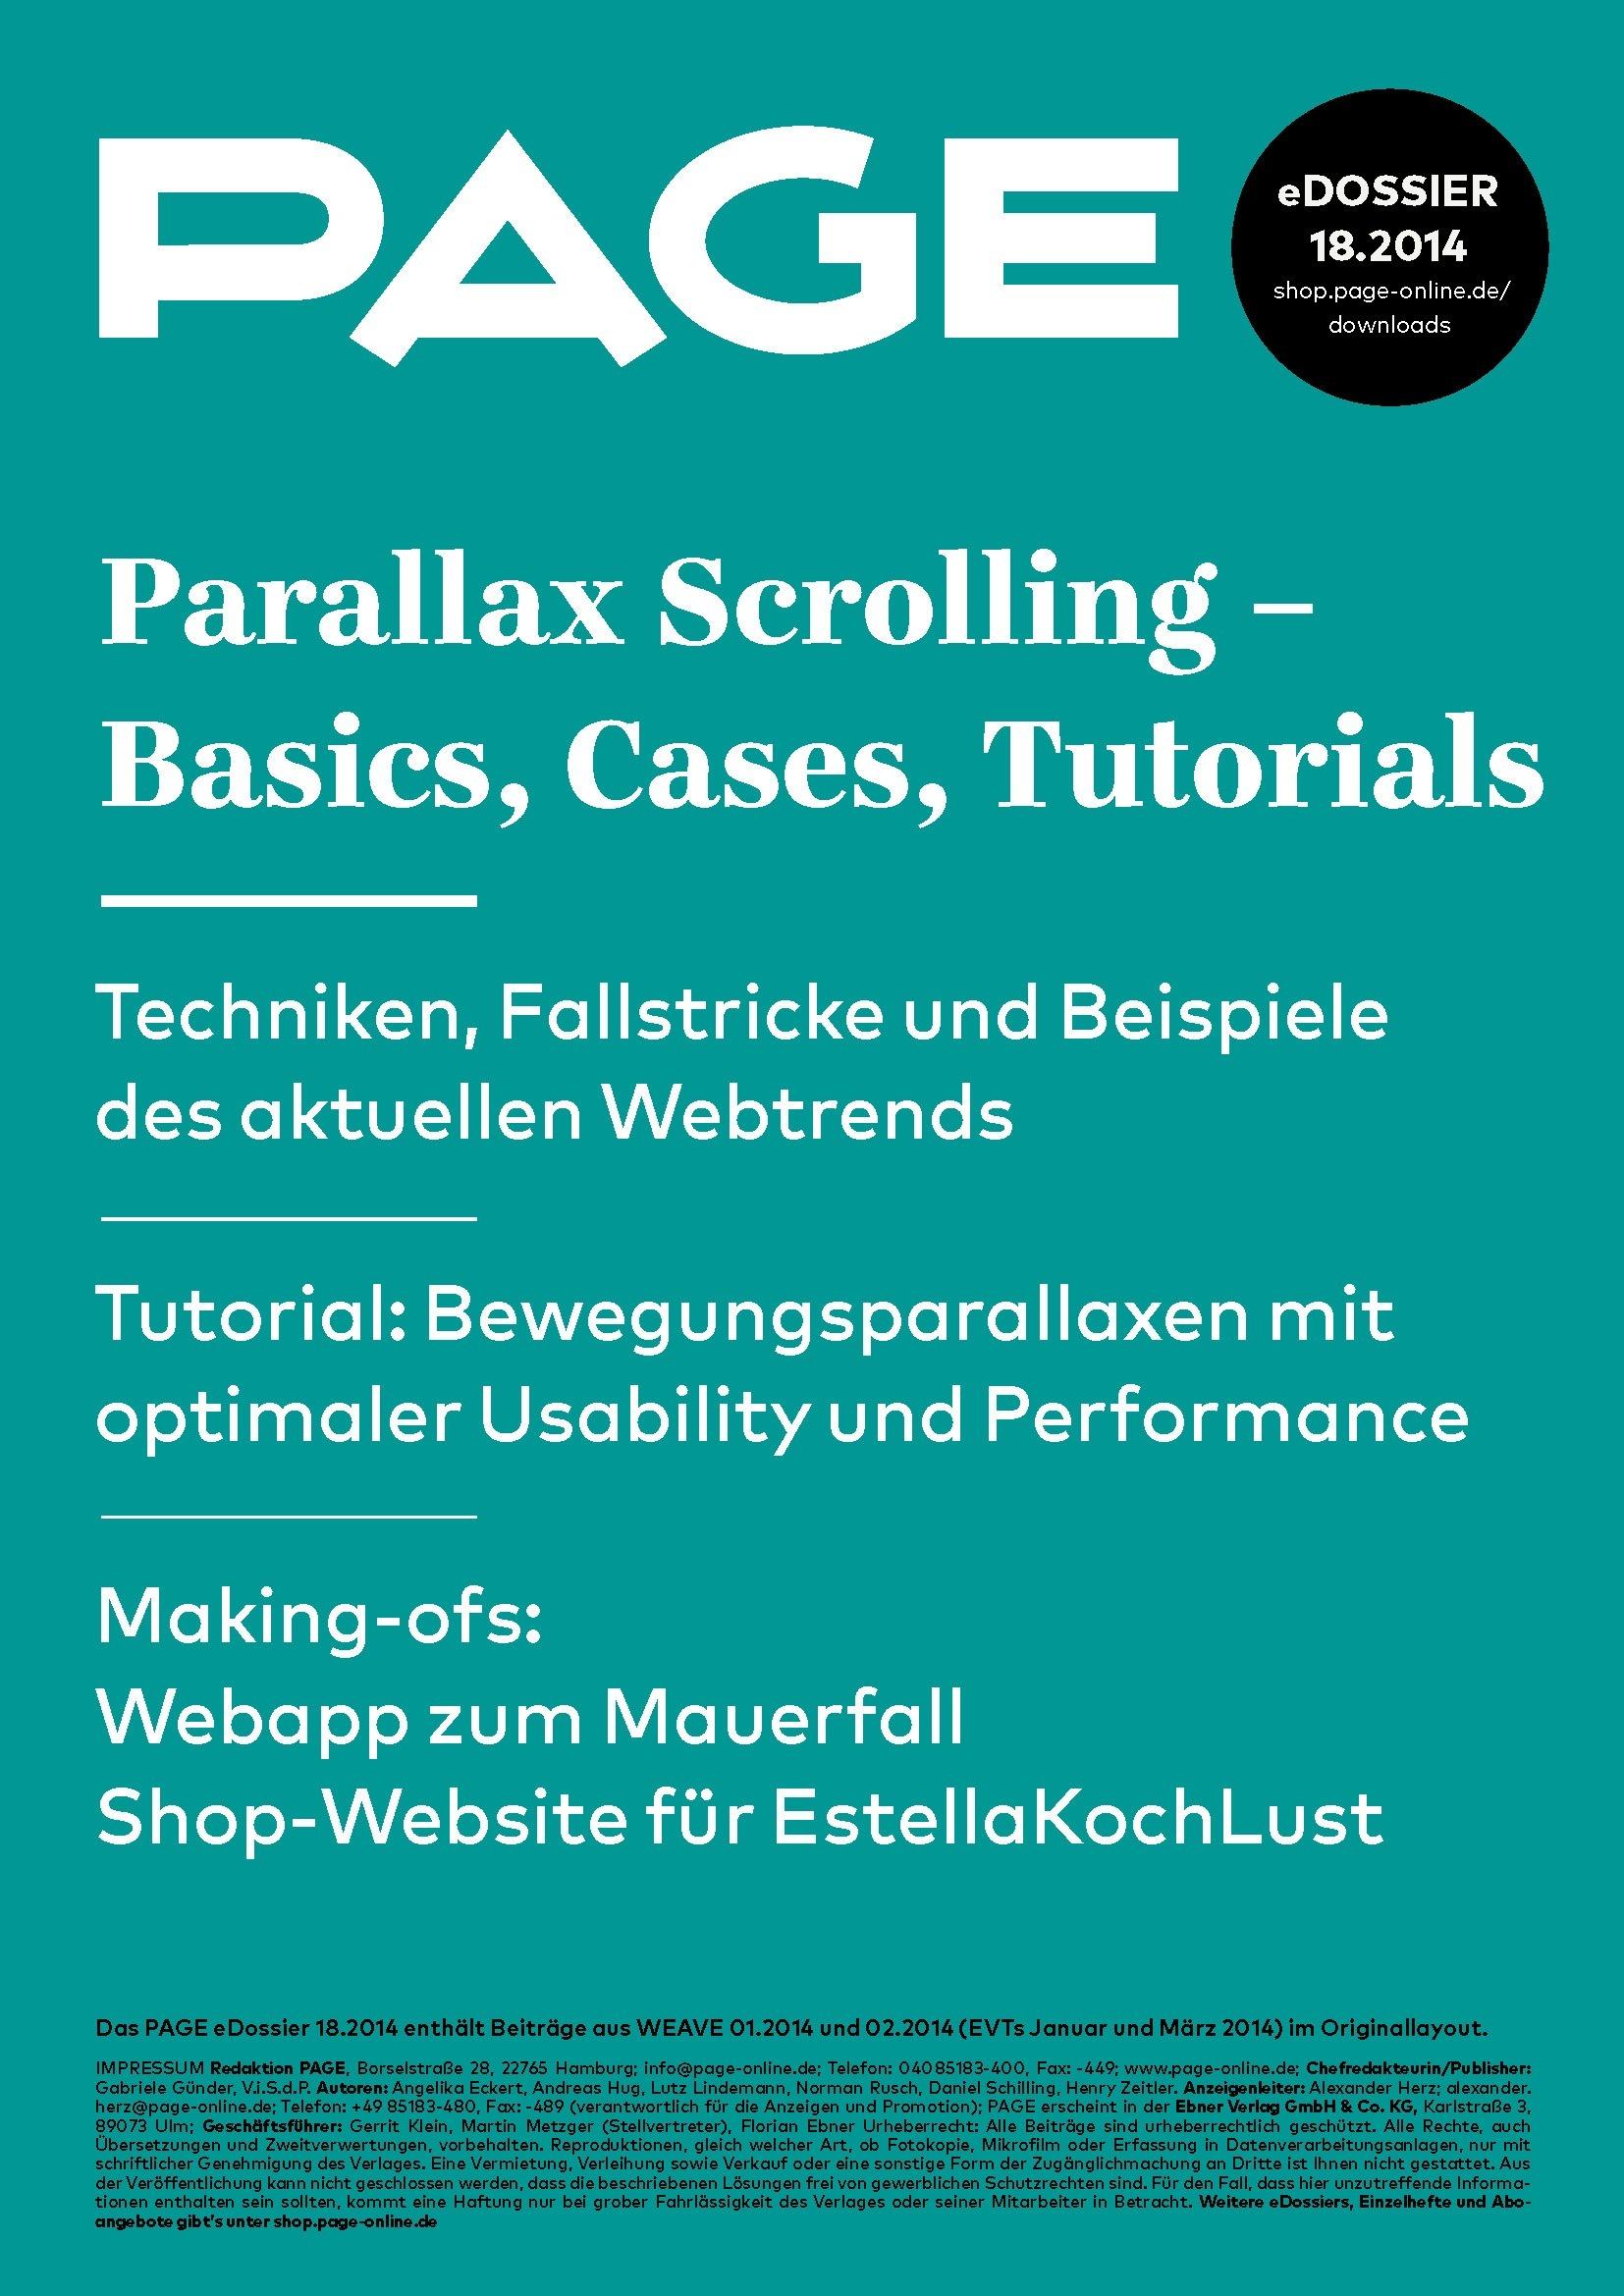 eDossier_201419_Parallax Scrolling_sw_OKI_Seite_01